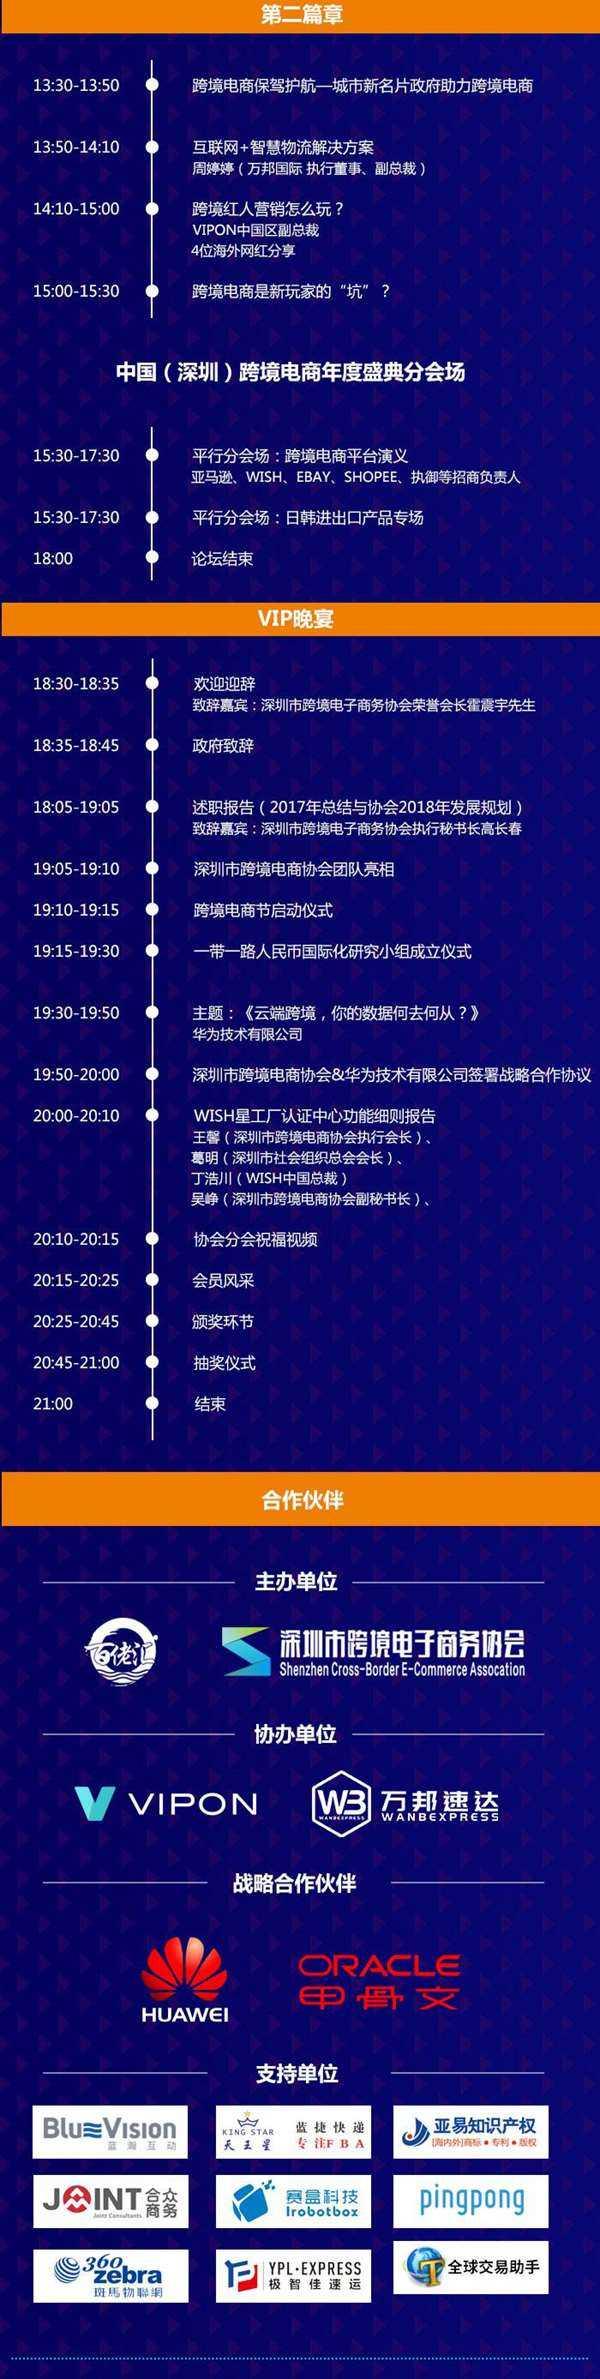 跨境电商年度盛典互动吧-3_07.jpg